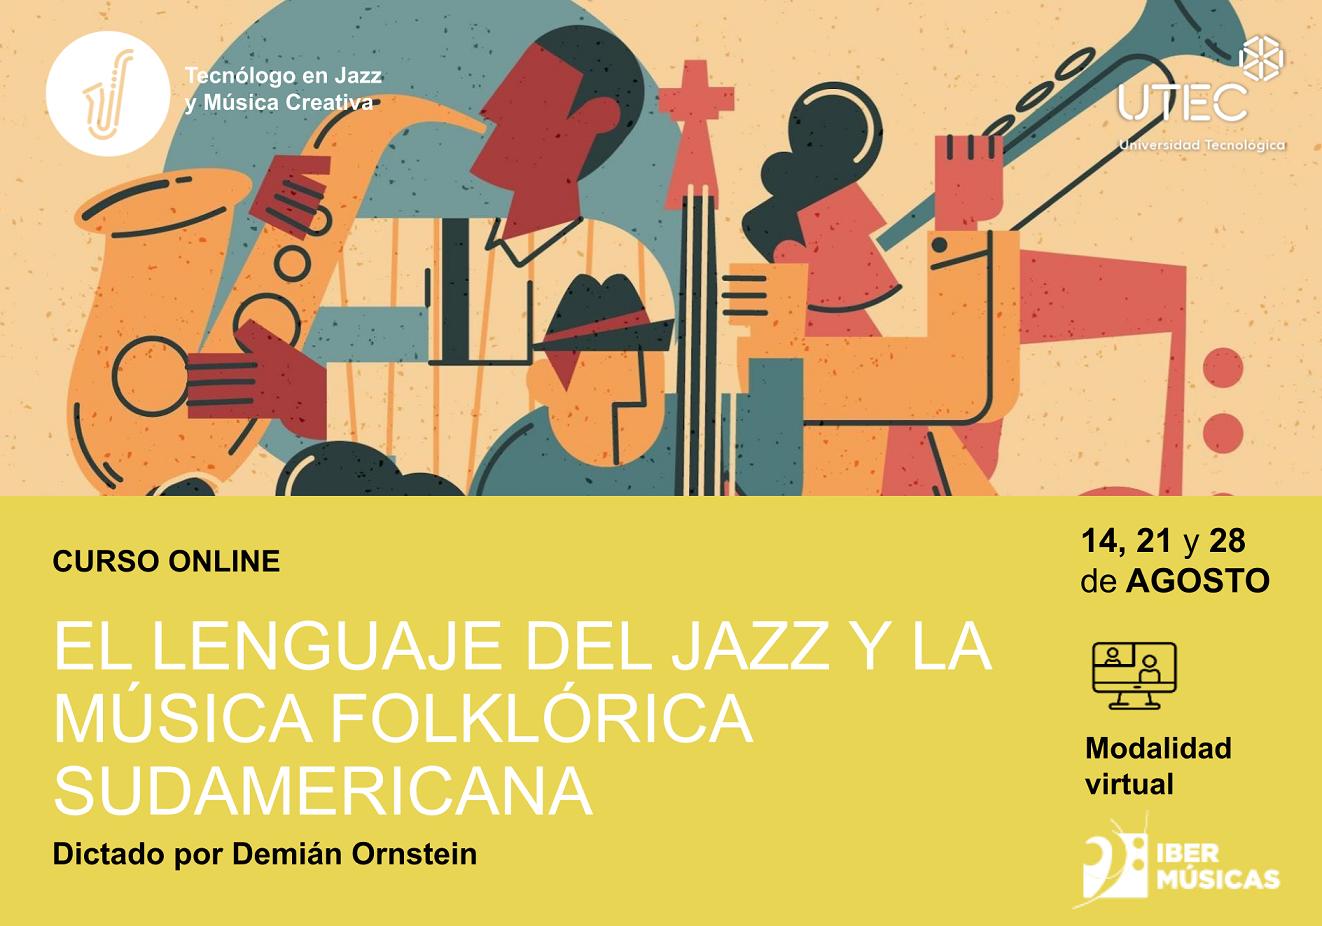 El guitarrista argentino Demian Ornstein brindará su taller «El lenguaje del jazz y la música folkórica sudamericana» desde la Universidad Tecnológica del Uruguay